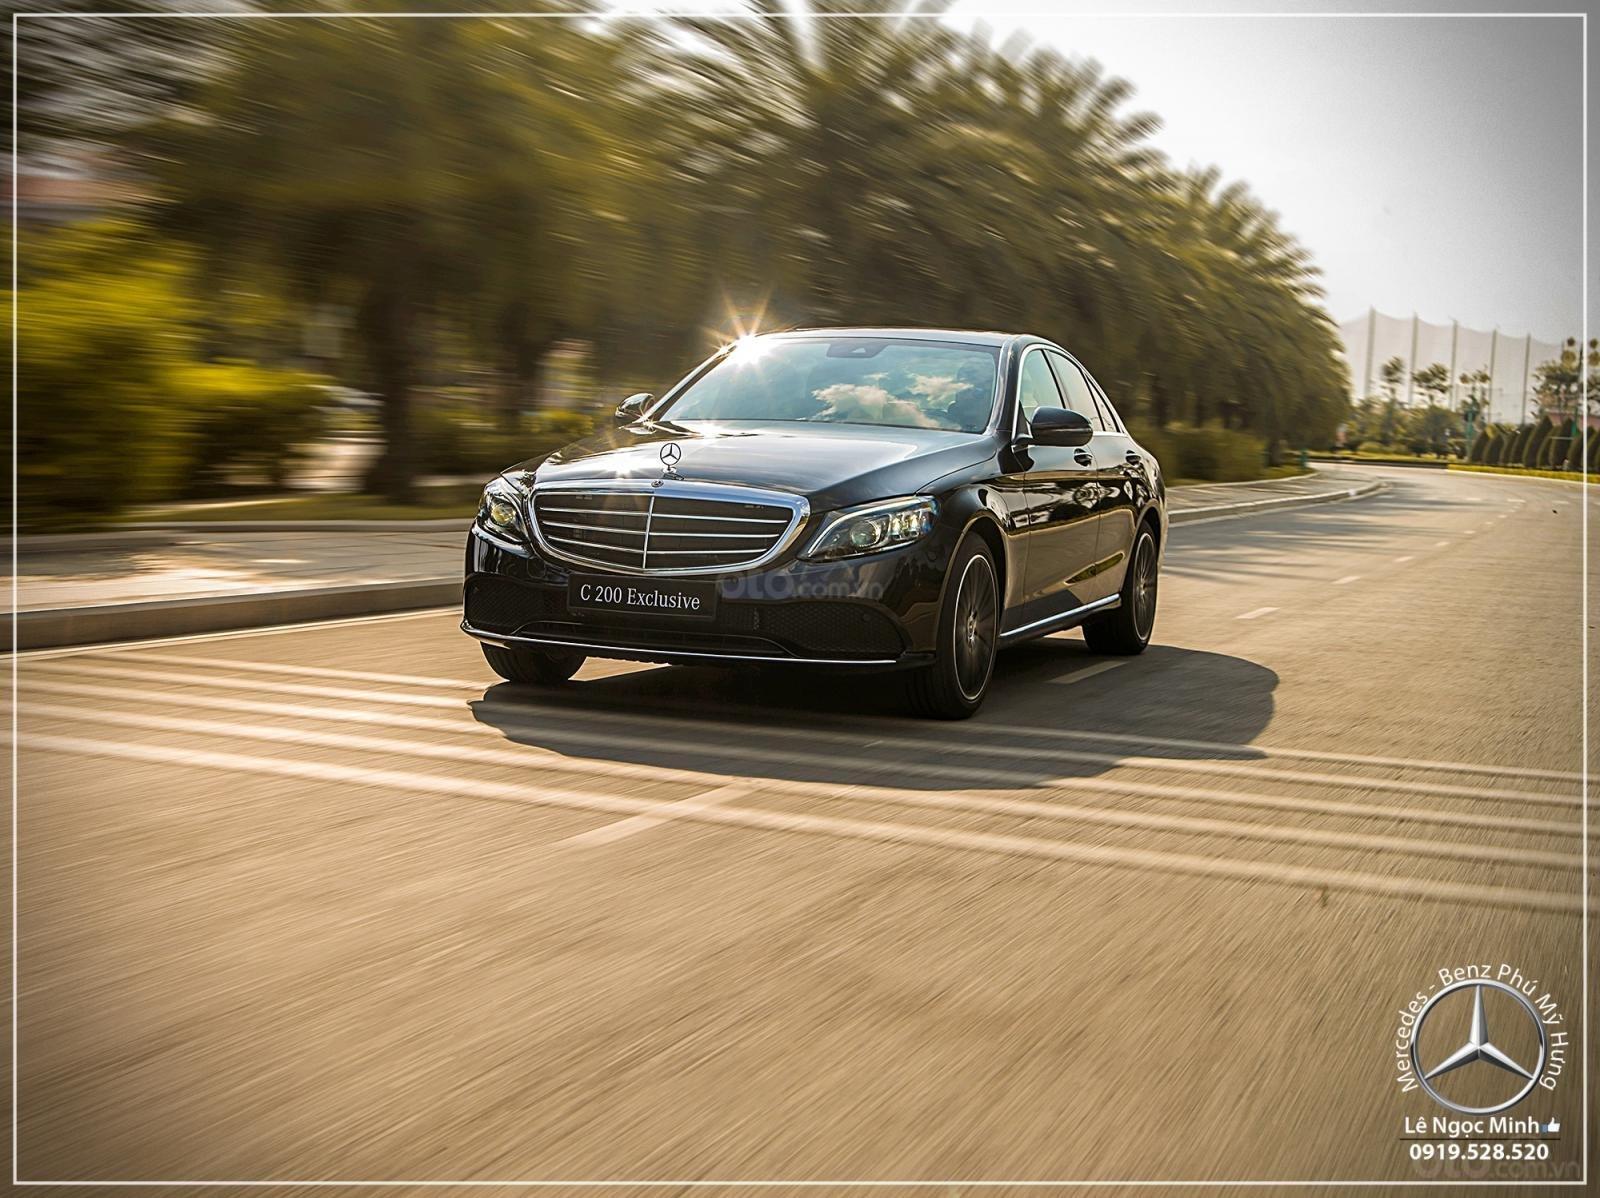 Mercedes-Benz C200 Exclusive - Hỗ trợ 100% phí trước bạ - Ưu đãi khủng trong tháng. LH: 0919 528 520-11